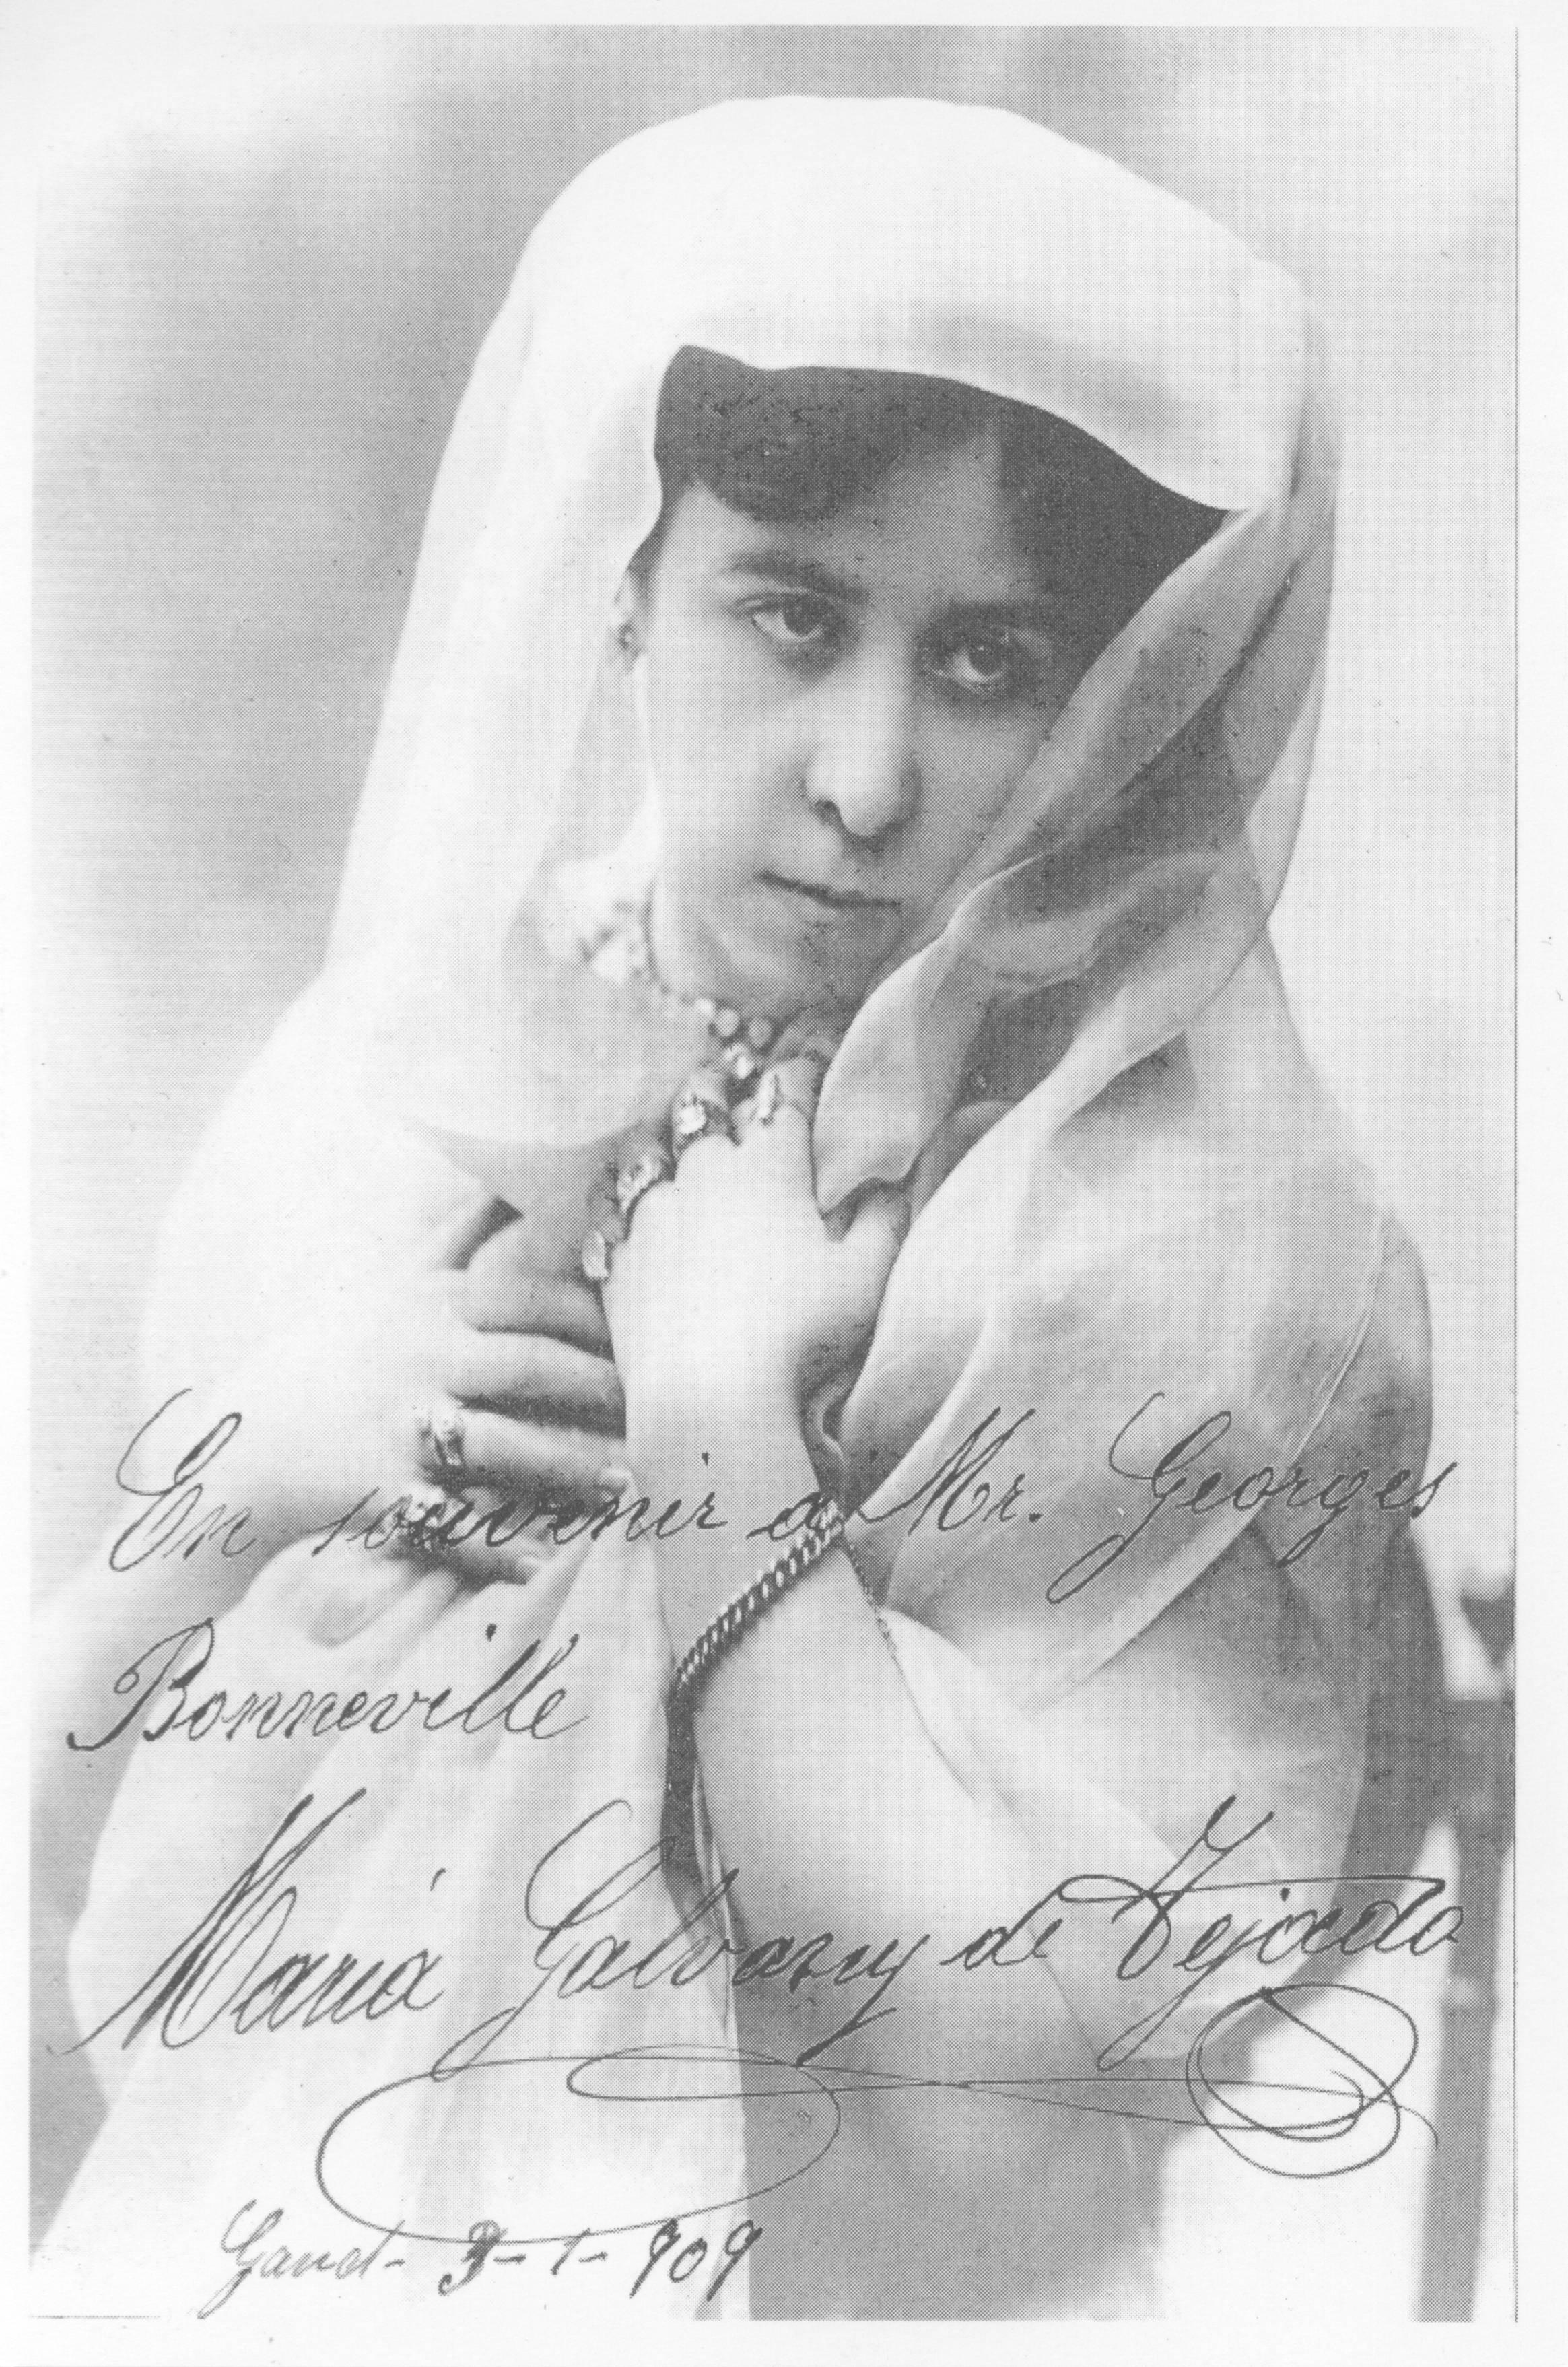 Maria Galvany de Tejada